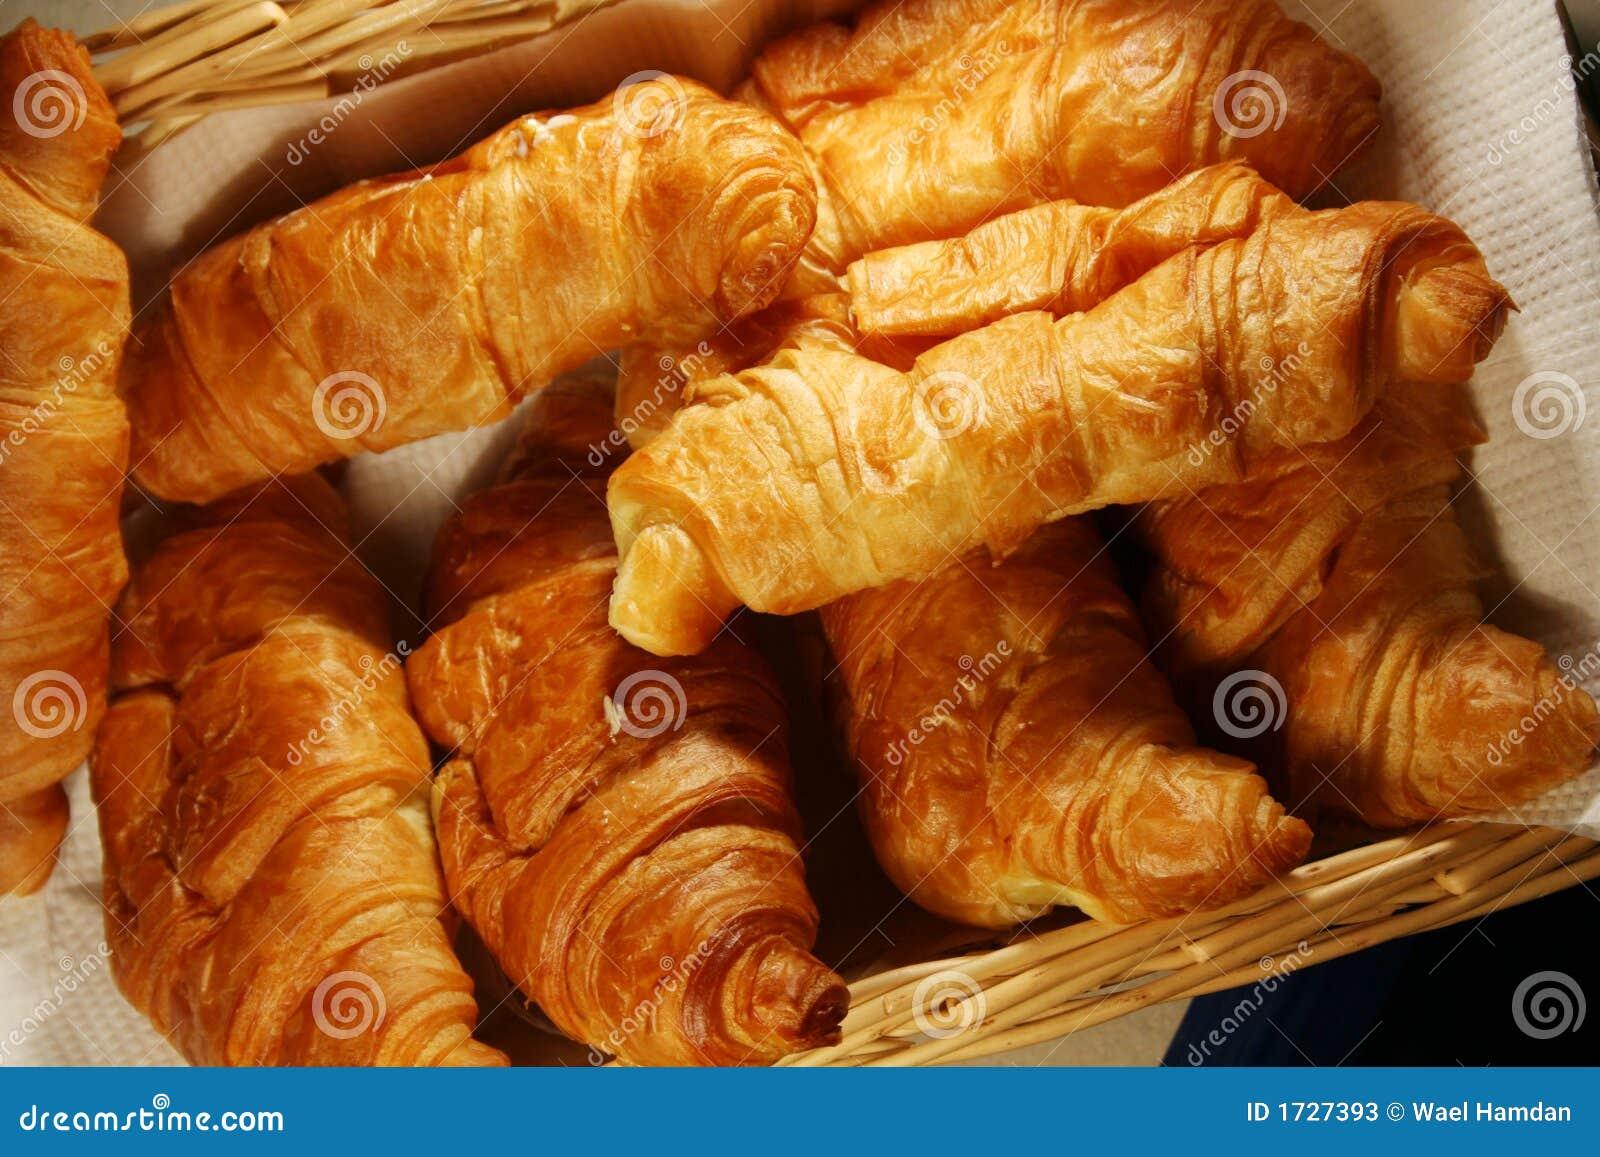 http://thumbs.dreamstime.com/z/croissant-chaud-frais-1727393.jpg